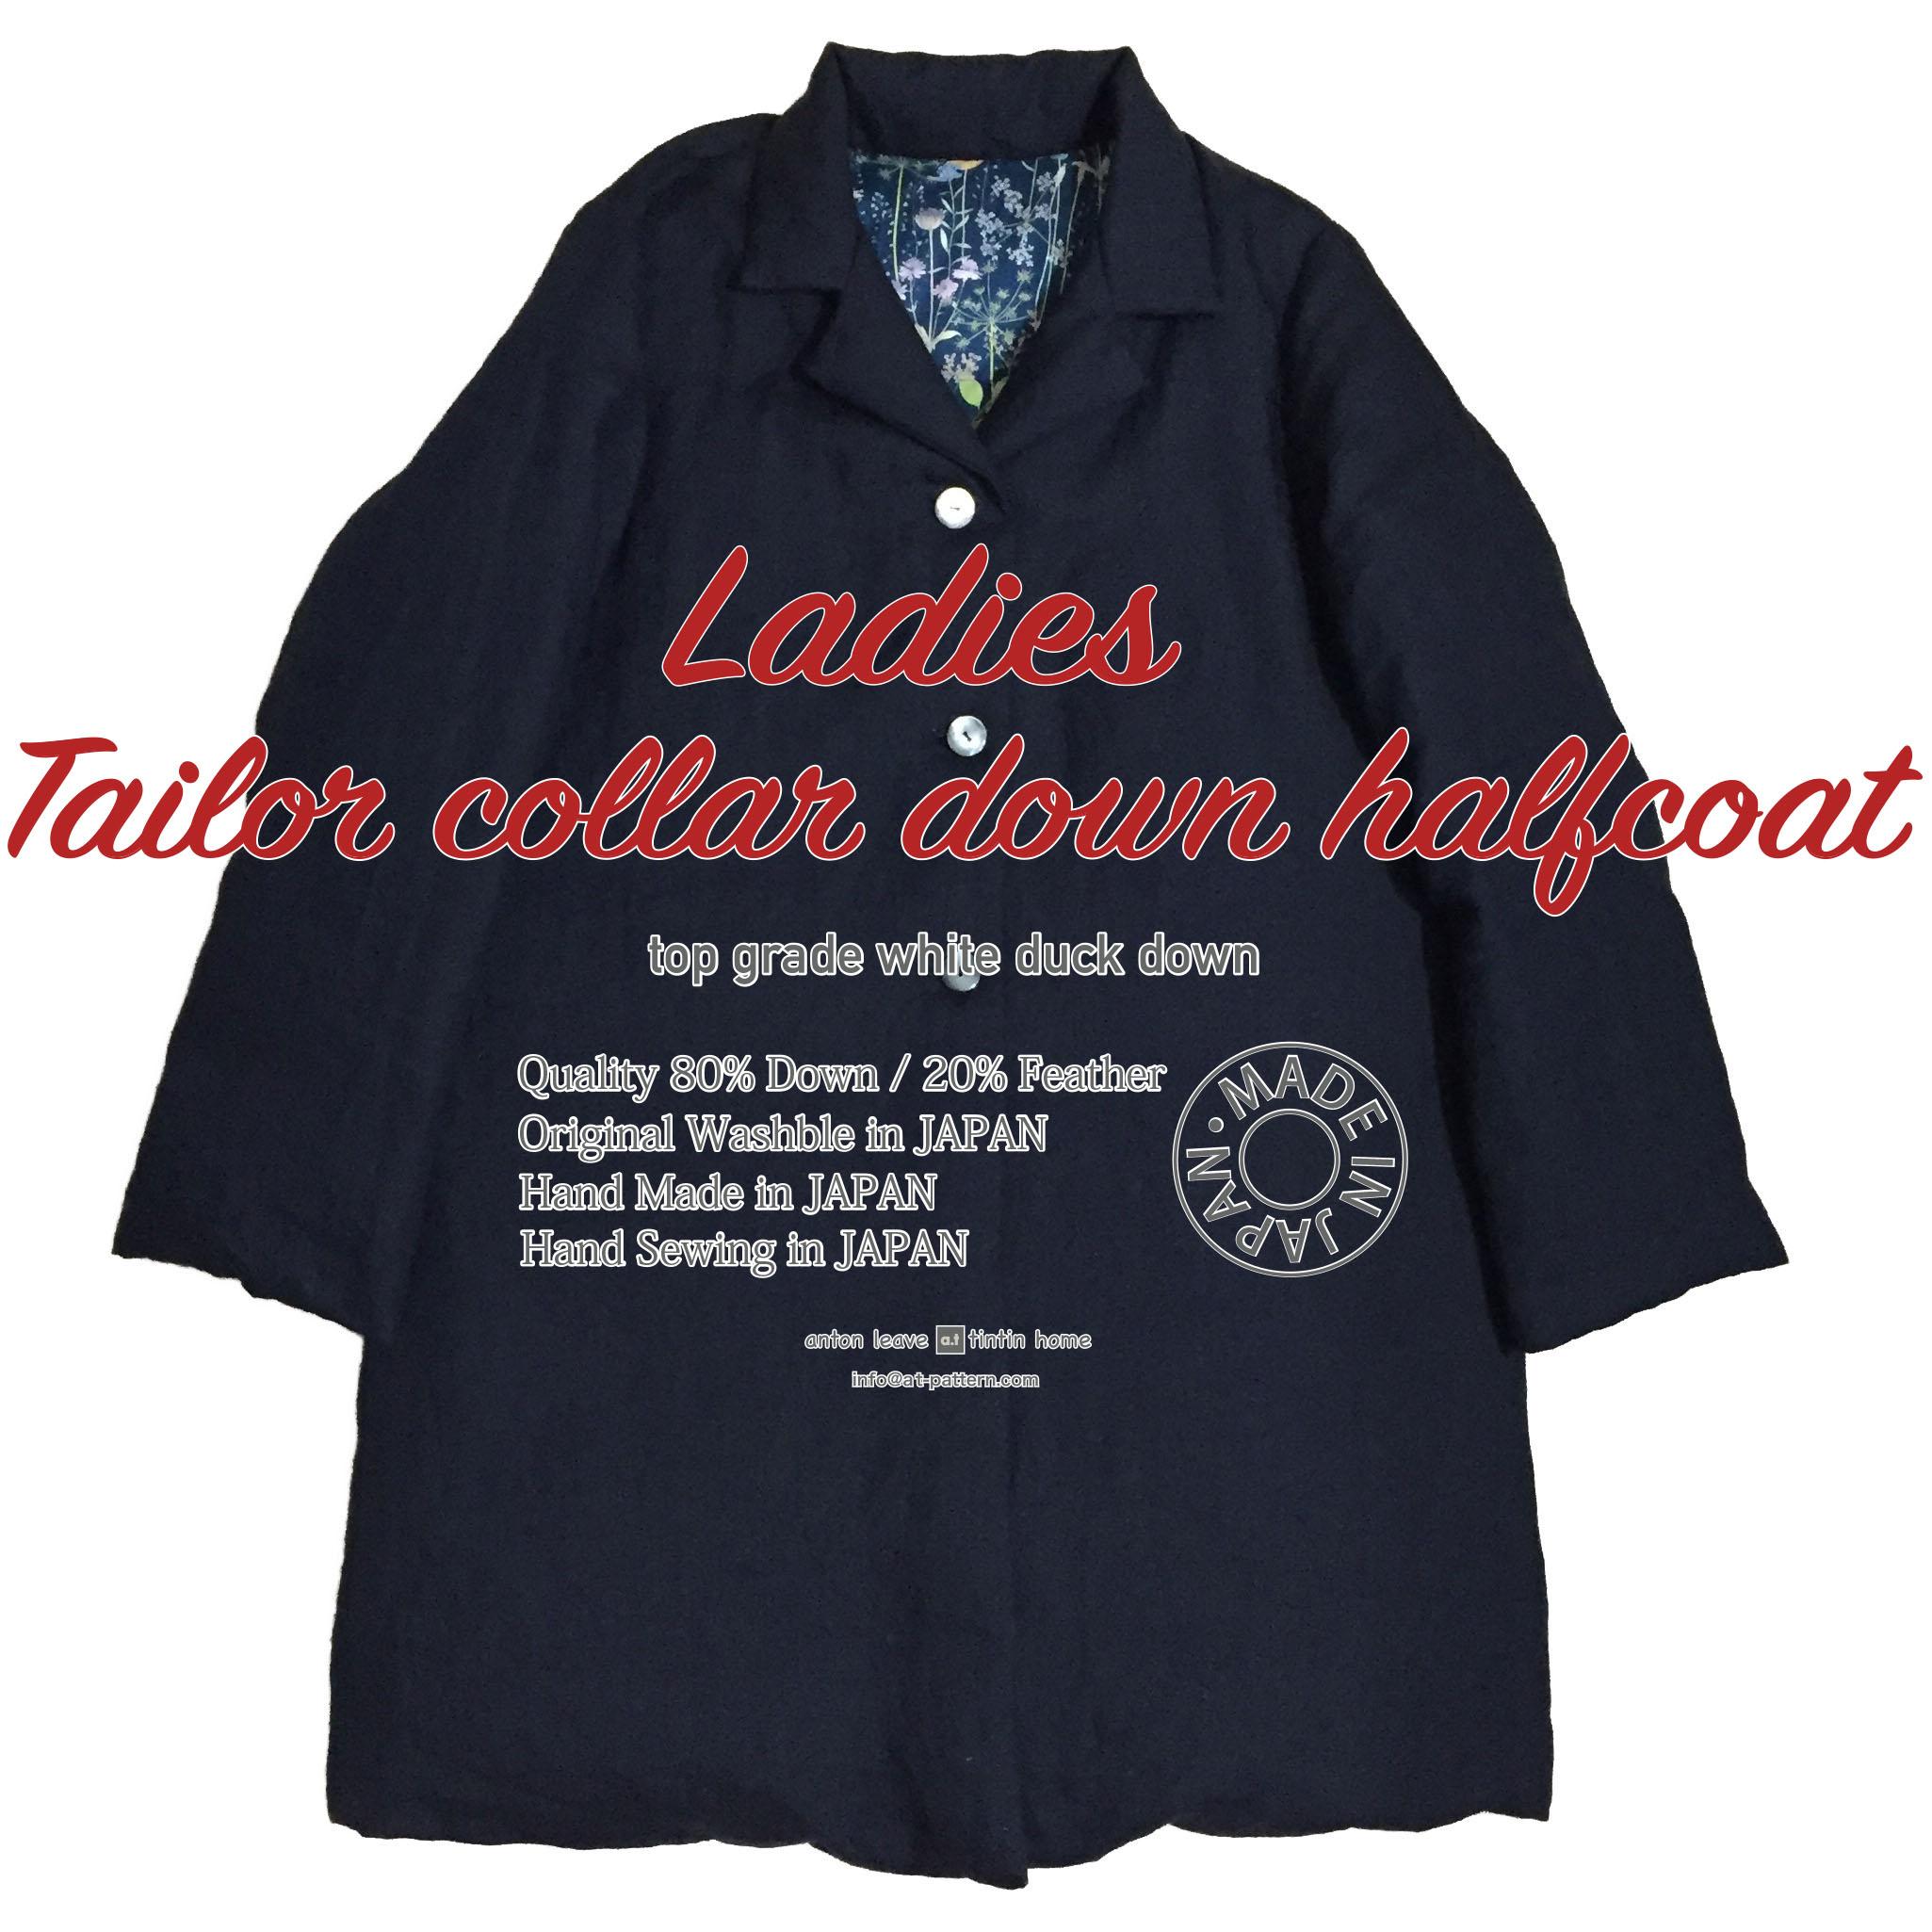 着用画像のメイン-レディーステーラーカラーダウンハーフコート用-Tailorcollardownhalfcoat